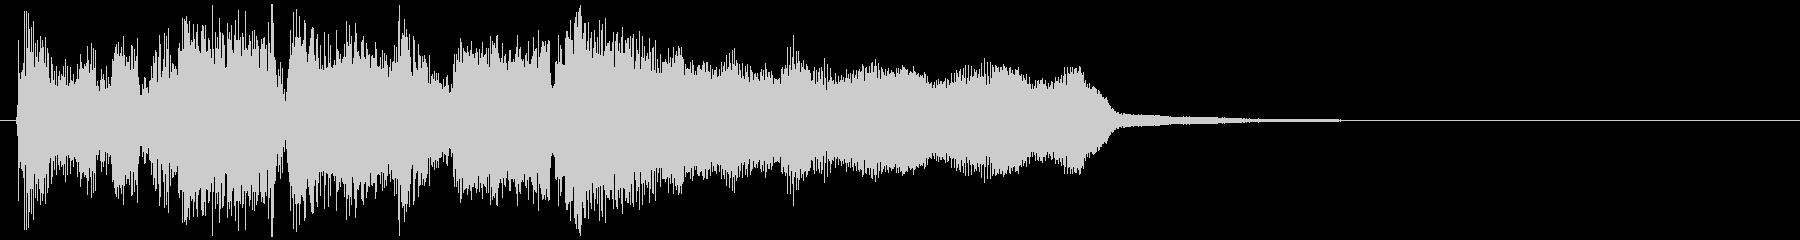 勢いあるジャズ、ステージクリア系ジングルの未再生の波形